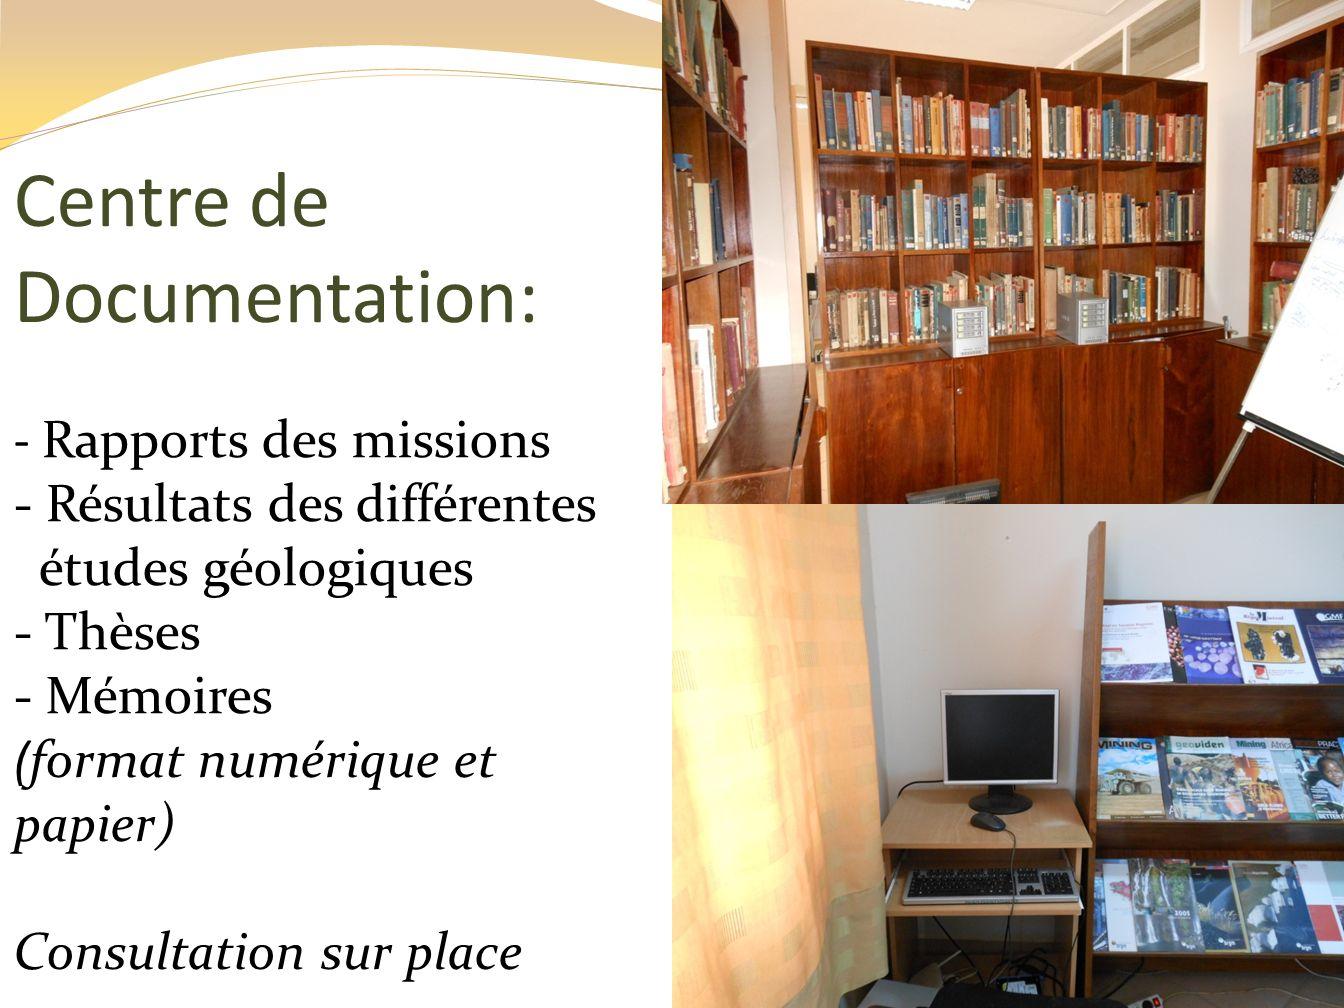 Centre de Documentation: - Rapports des missions - Résultats des différentes études géologiques - Thèses - Mémoires (format numérique et papier) Consu